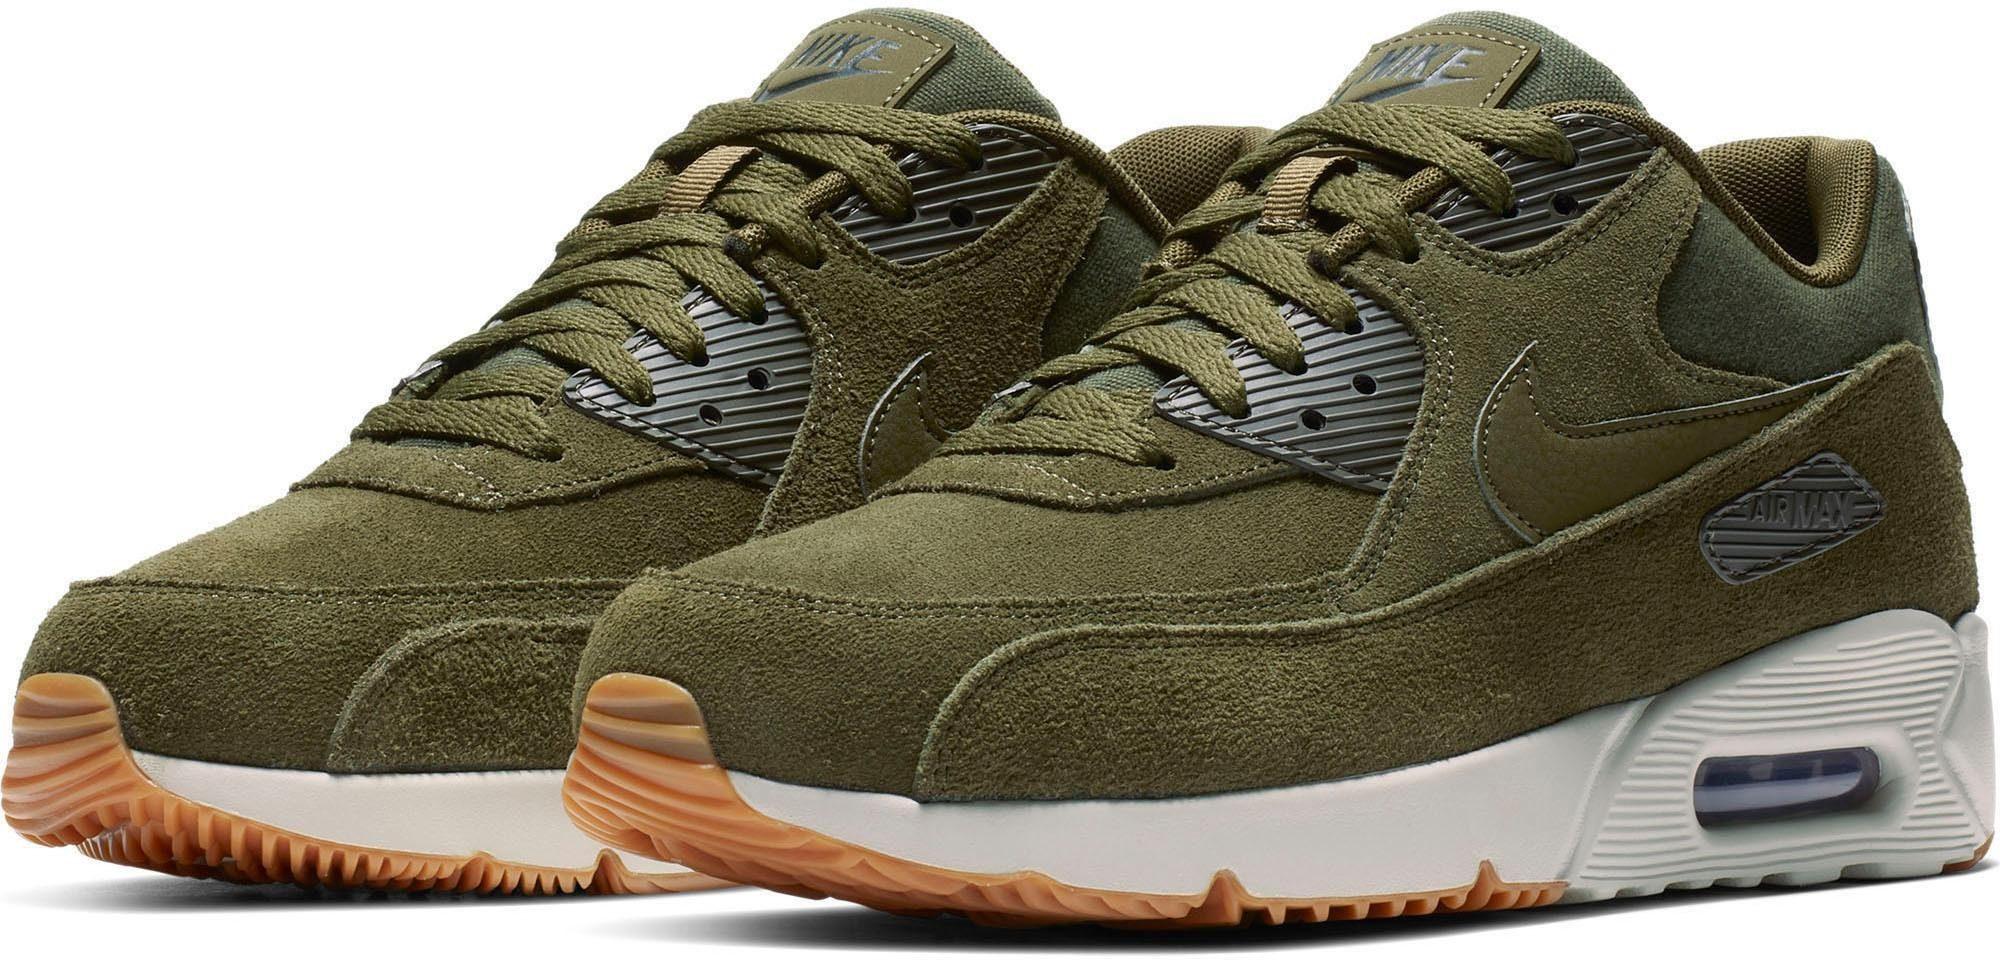 Air Max 90 Ultra sneakers